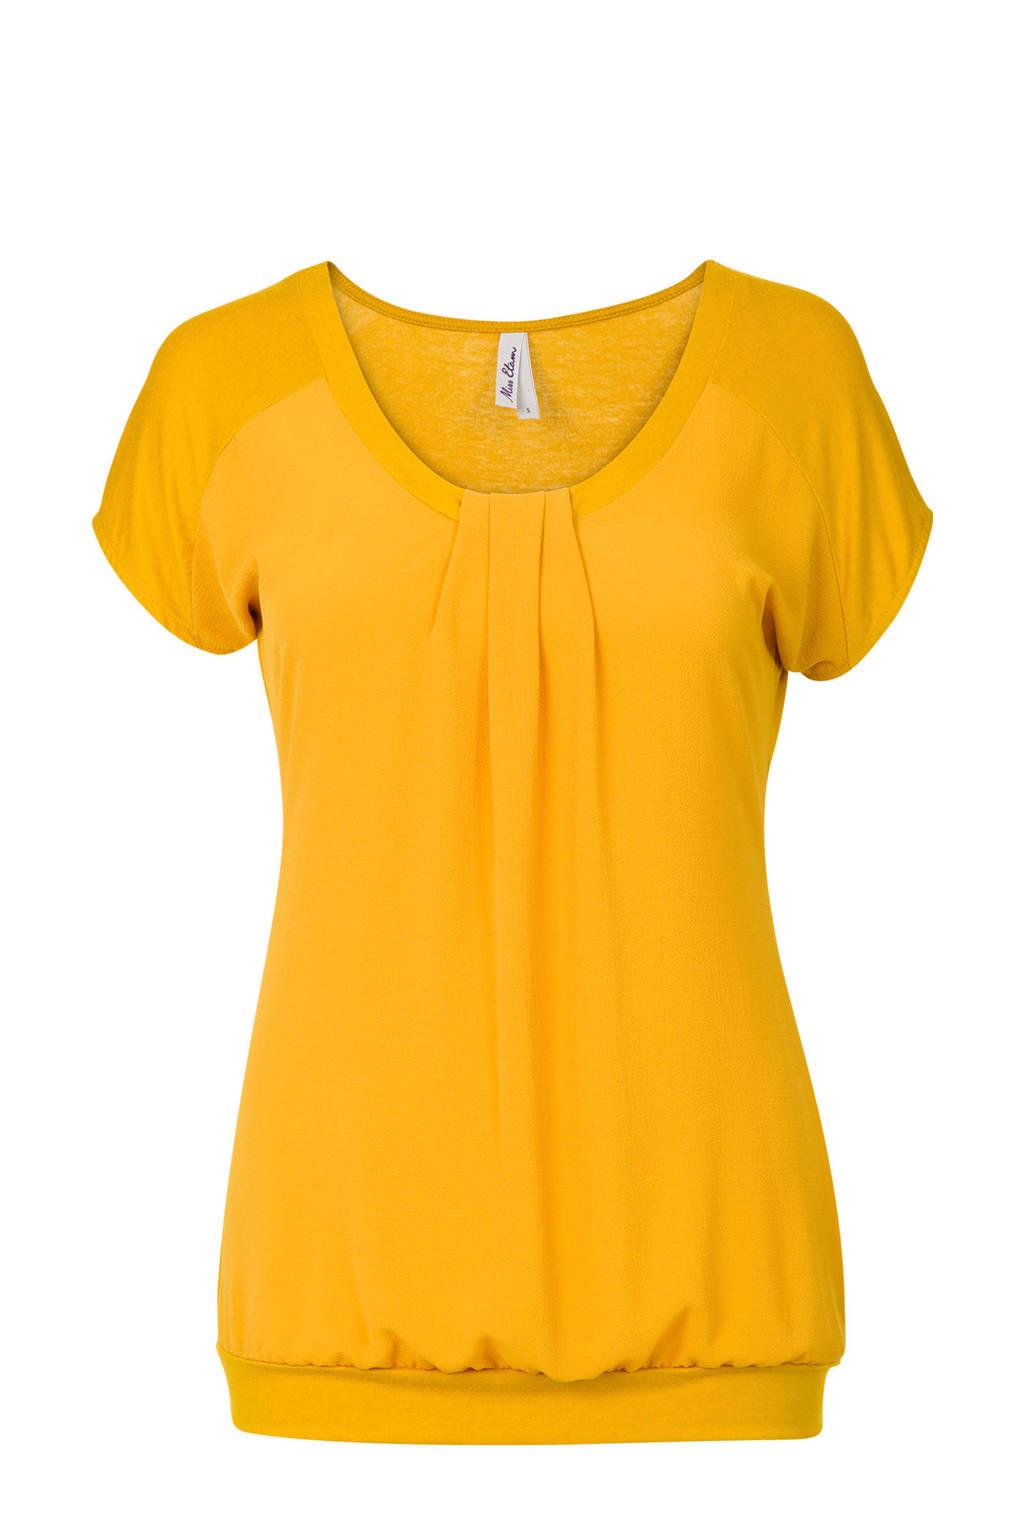 Miss Etam Regulier top met plooidetails geel, Geel